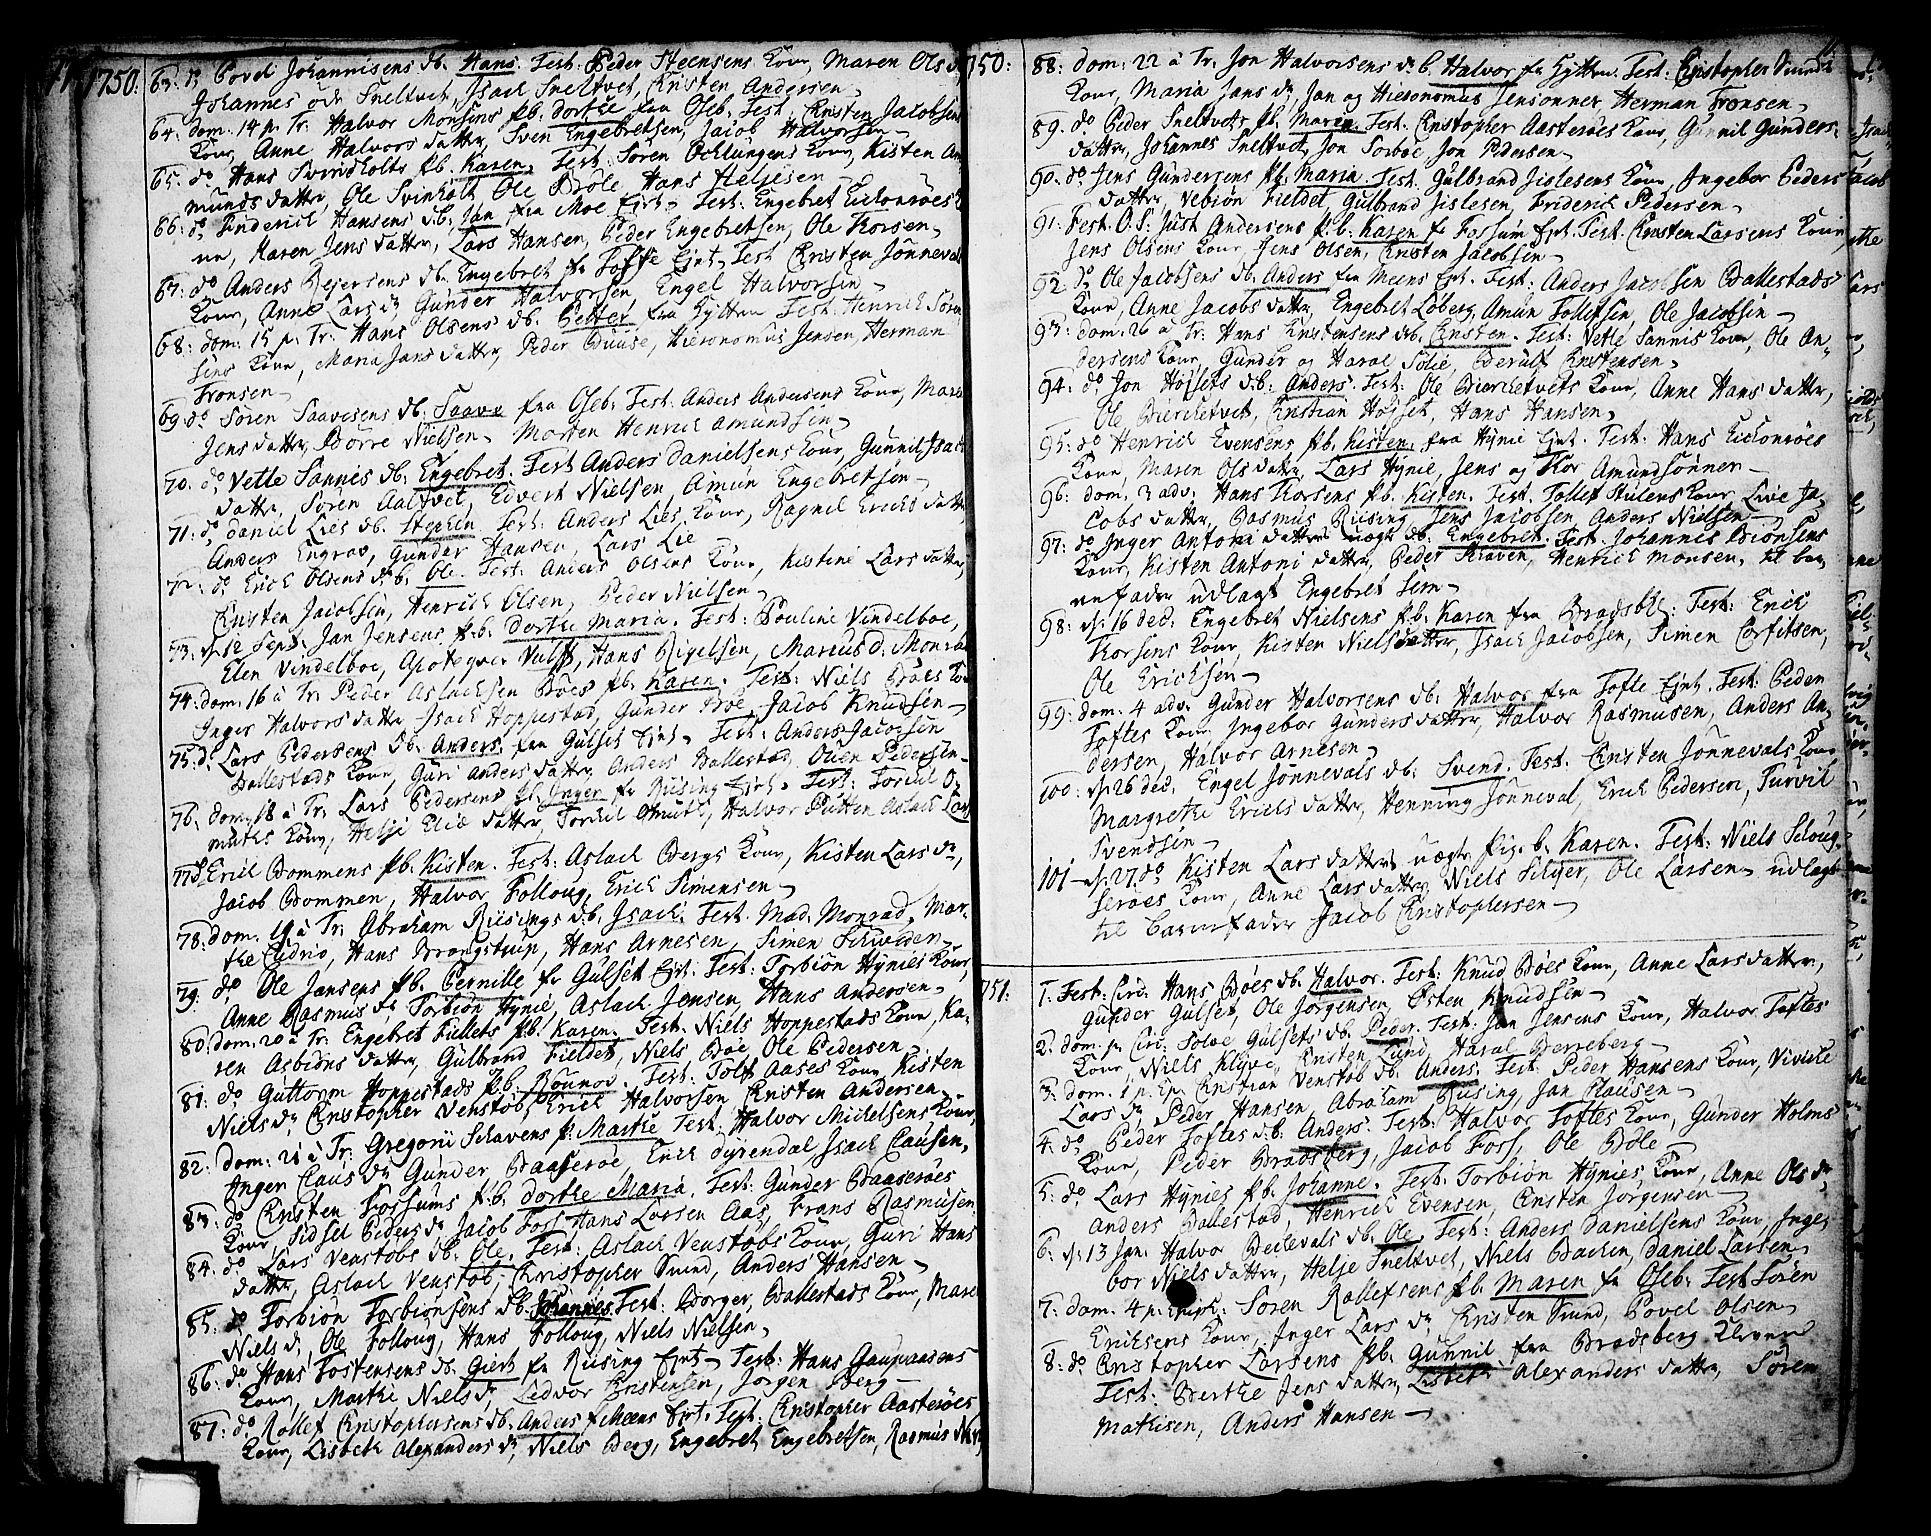 SAKO, Gjerpen kirkebøker, F/Fa/L0002: Ministerialbok nr. 2, 1747-1795, s. 11